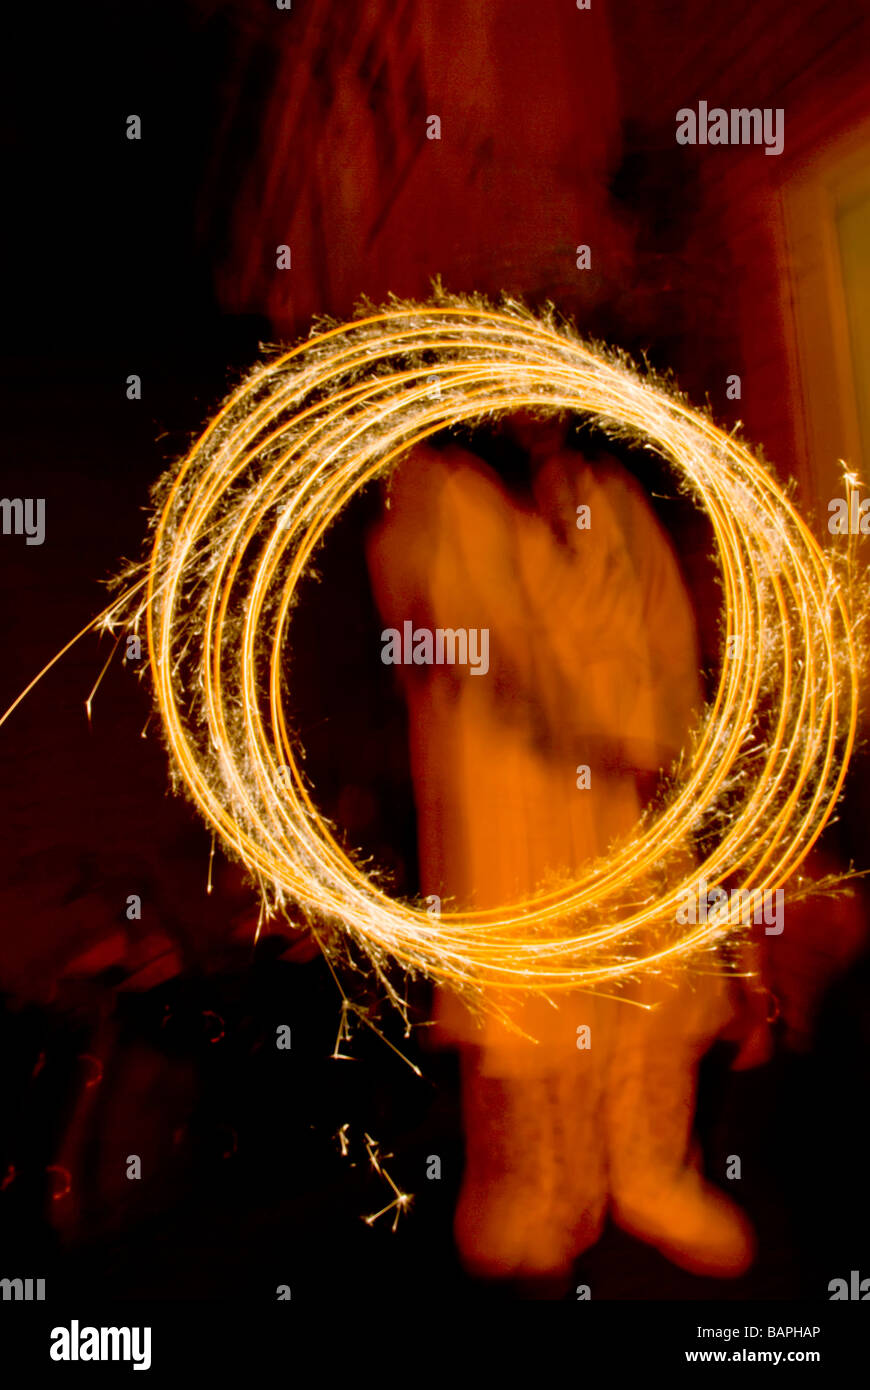 Girl Holding a Sparkler - Stock Image